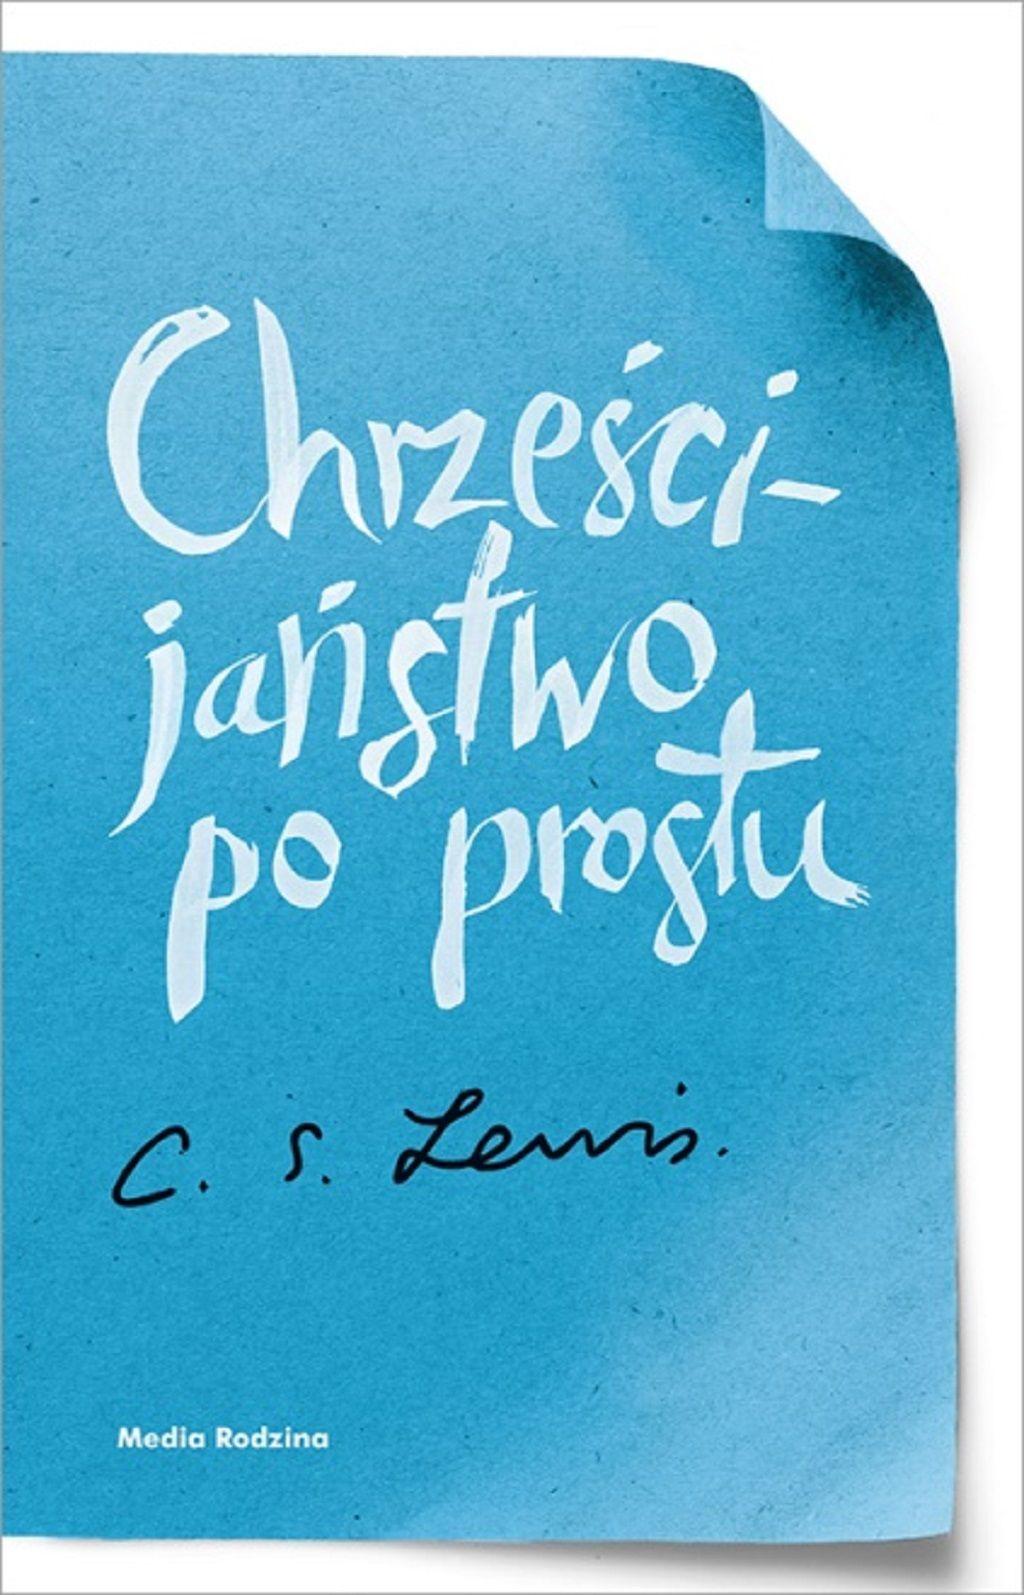 C.S. Lewis – Chrześcijaństwo po prostu